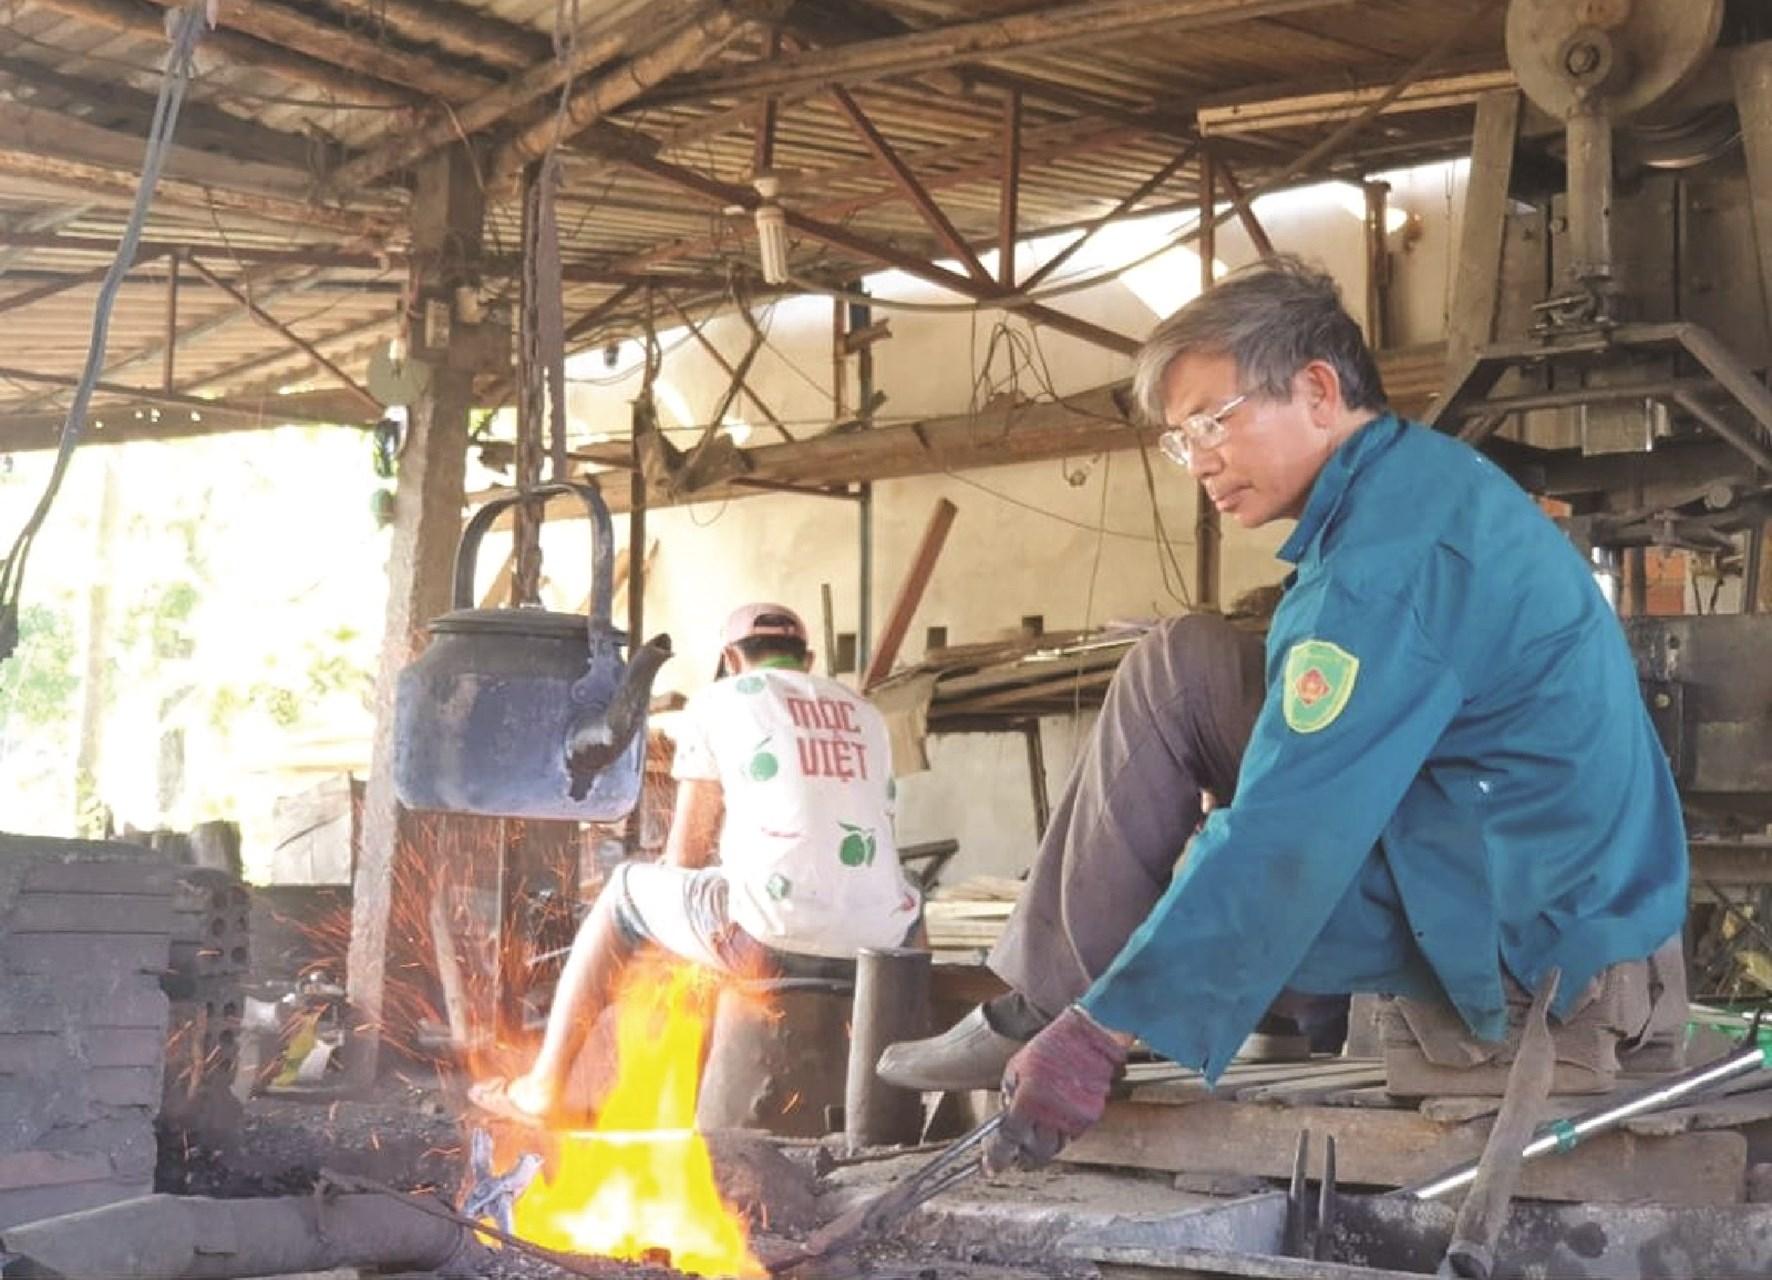 Ông Trần Đình Thông là đời thứ 3 trong gia đình vẫn miệt mài giữ lửa nghề rèn.